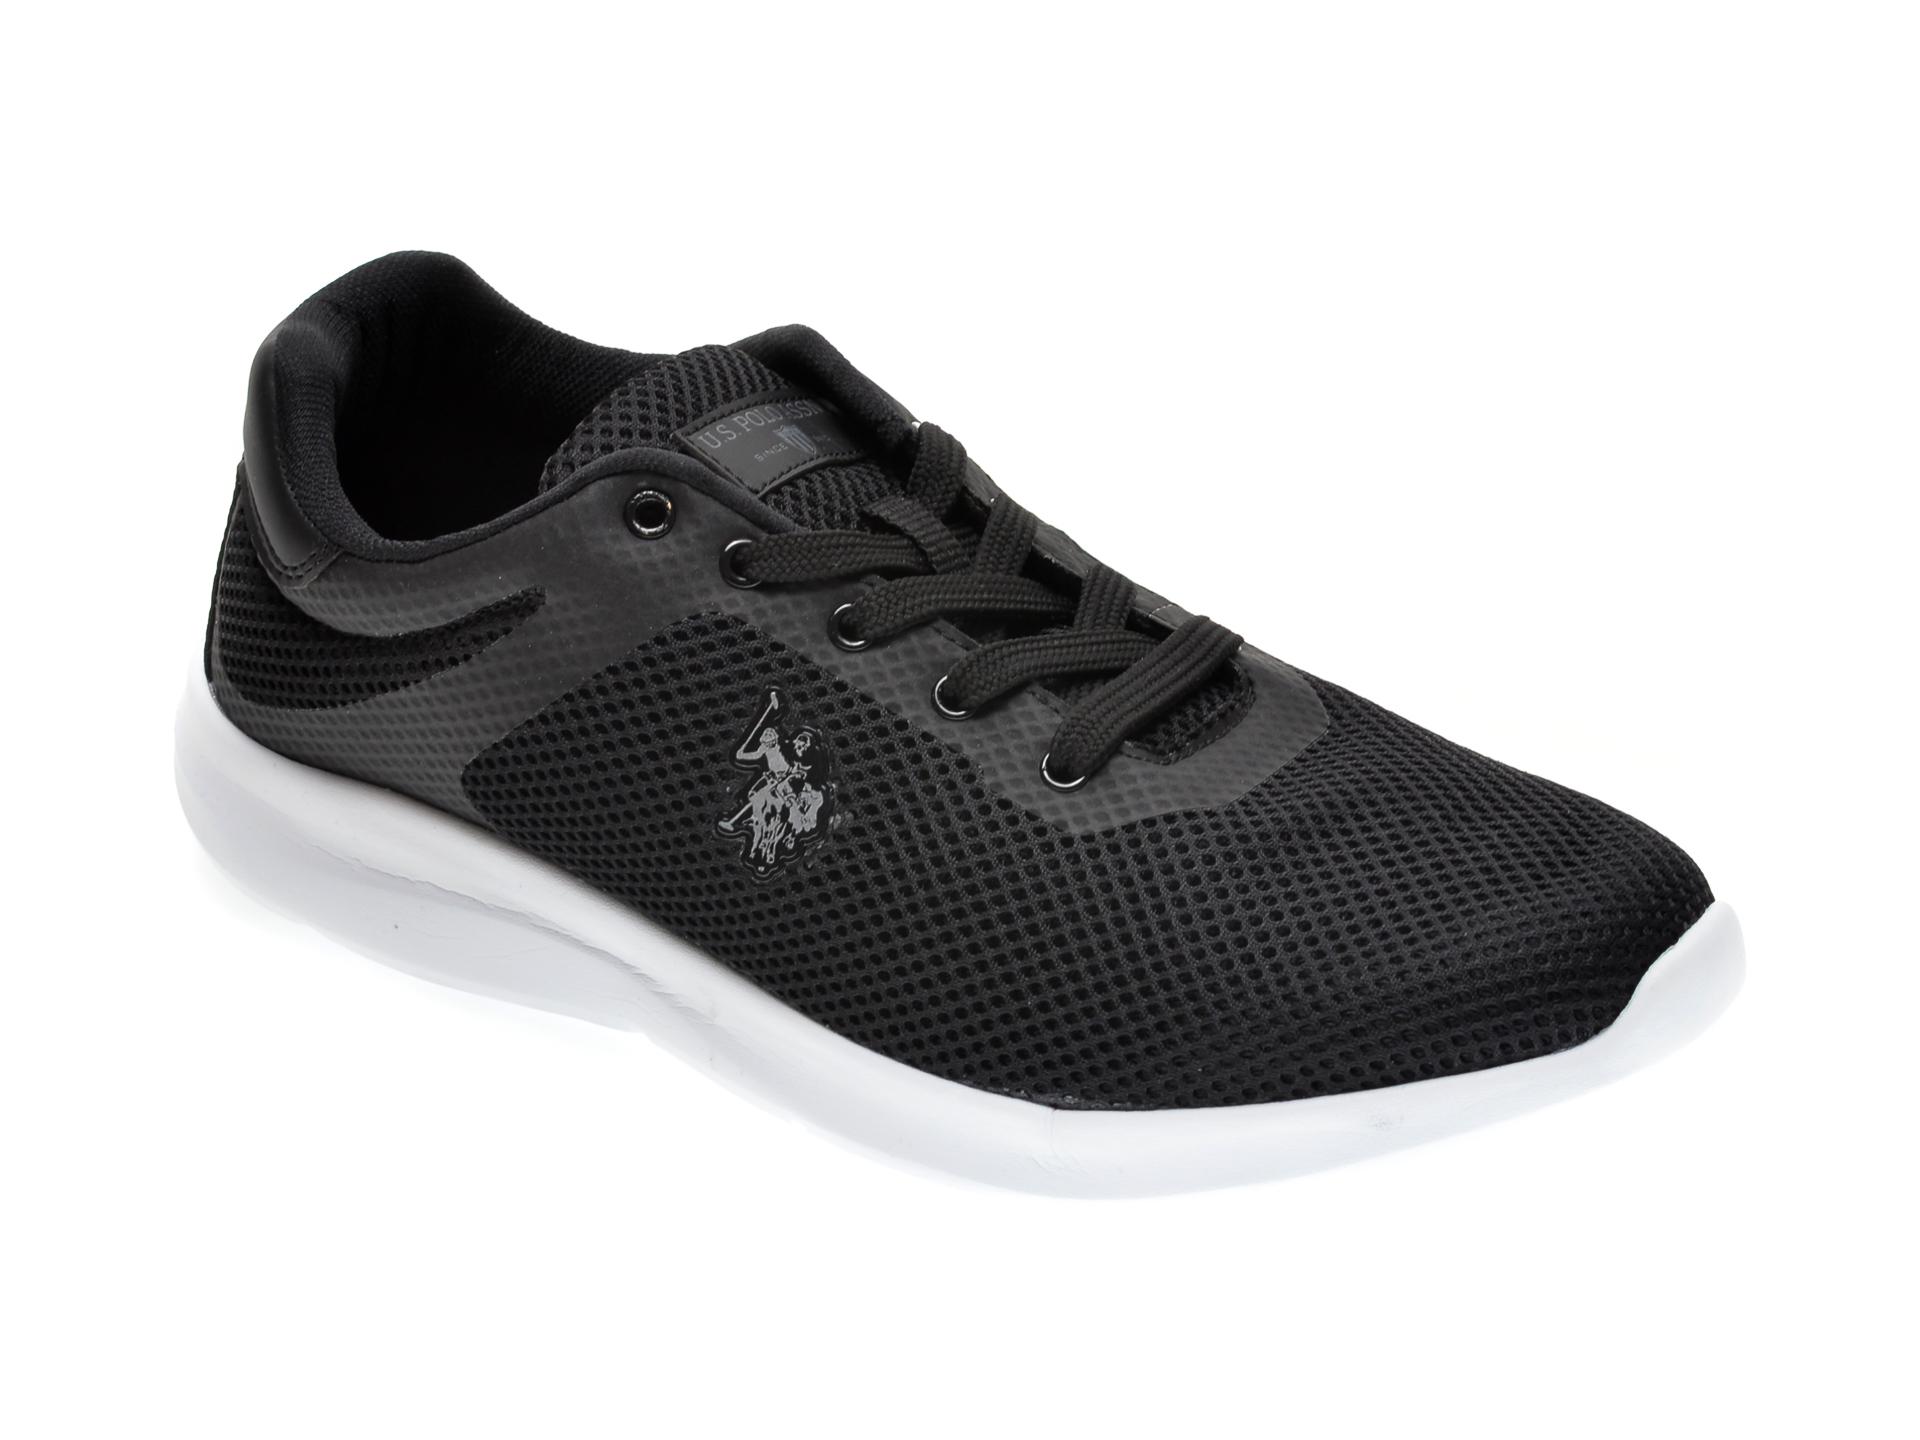 Pantofi sport US POLO ASSN negri, 489494, din piele ecologica imagine